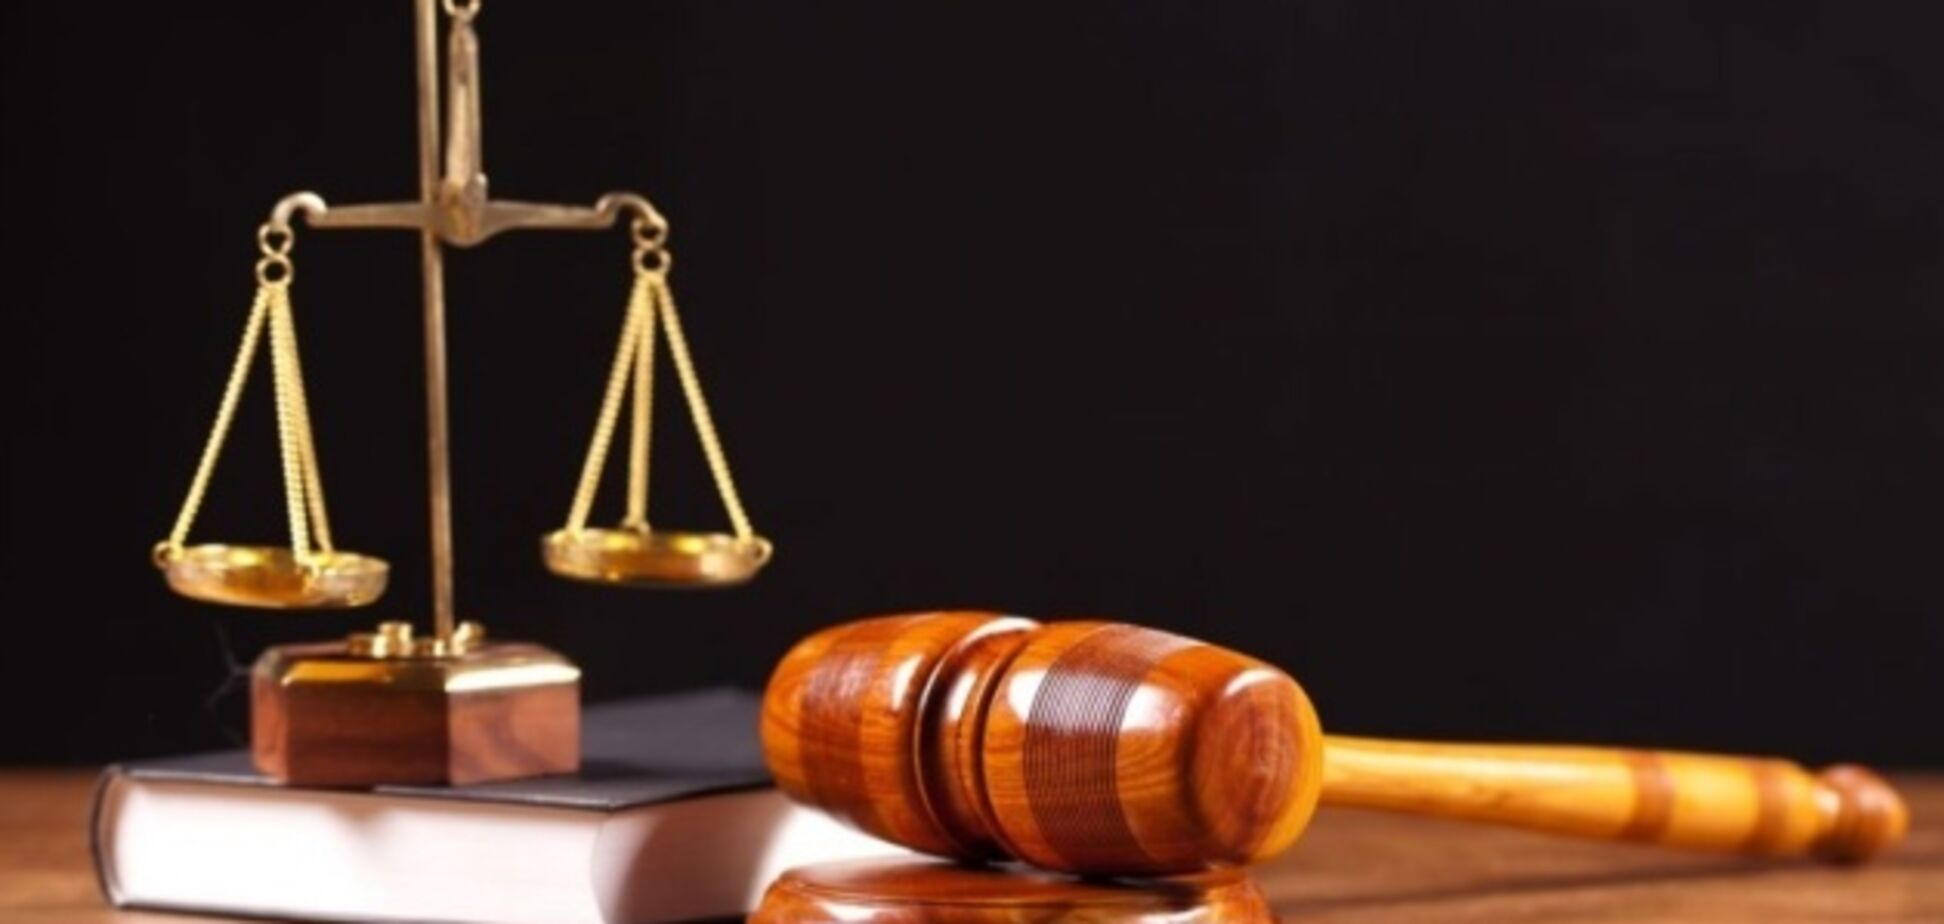 Заводской районный суд Николаева удовлетворил иск общественной организации 'Стоп Шлам'